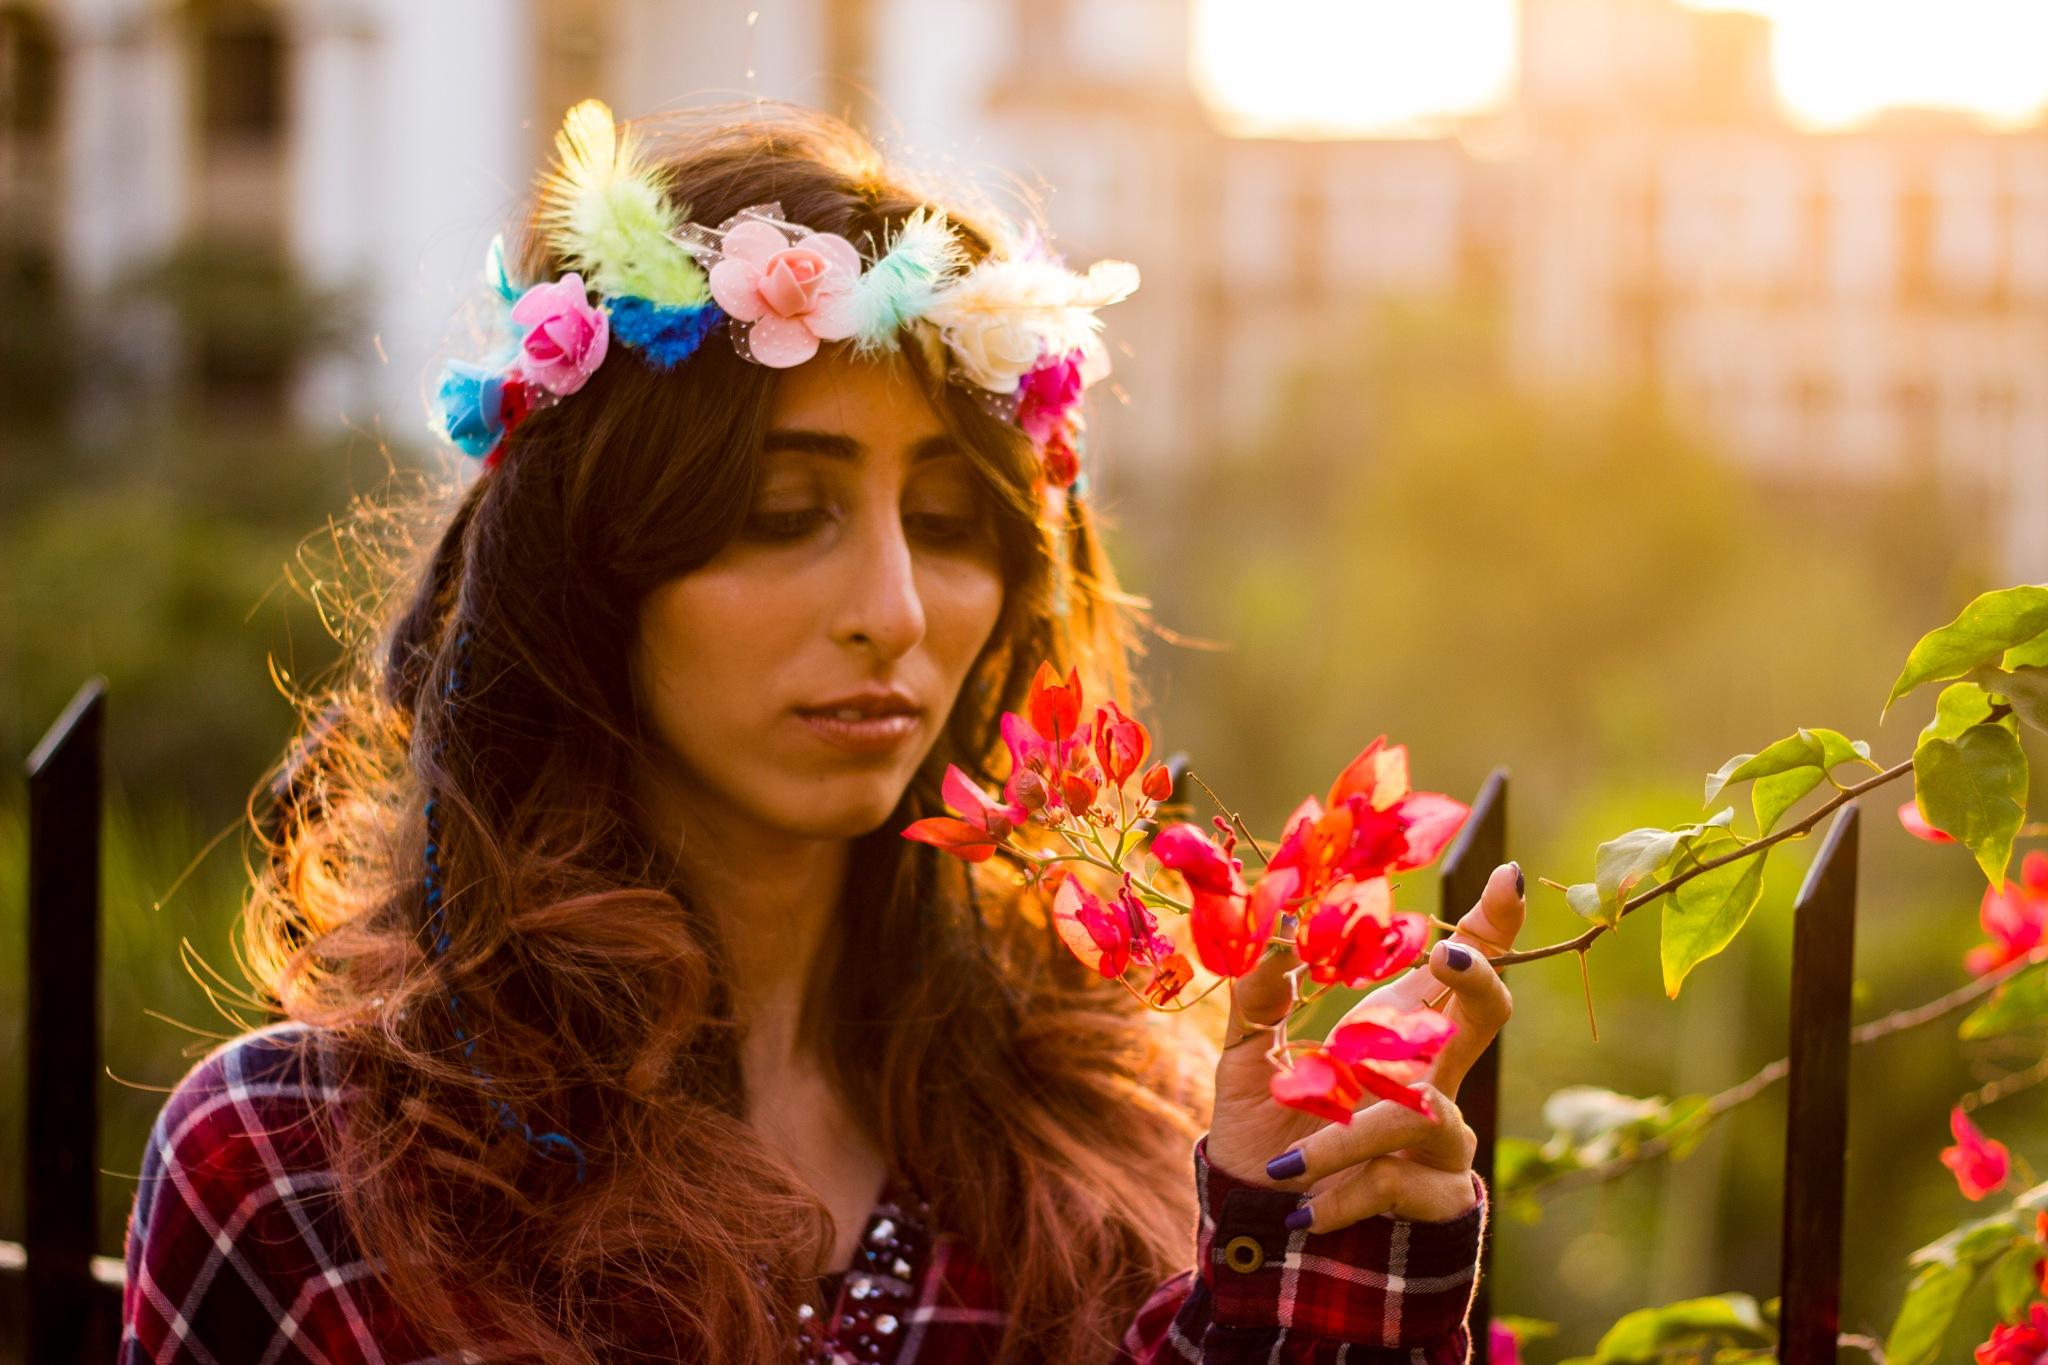 sun kissed gypsy  by Alan Prakash